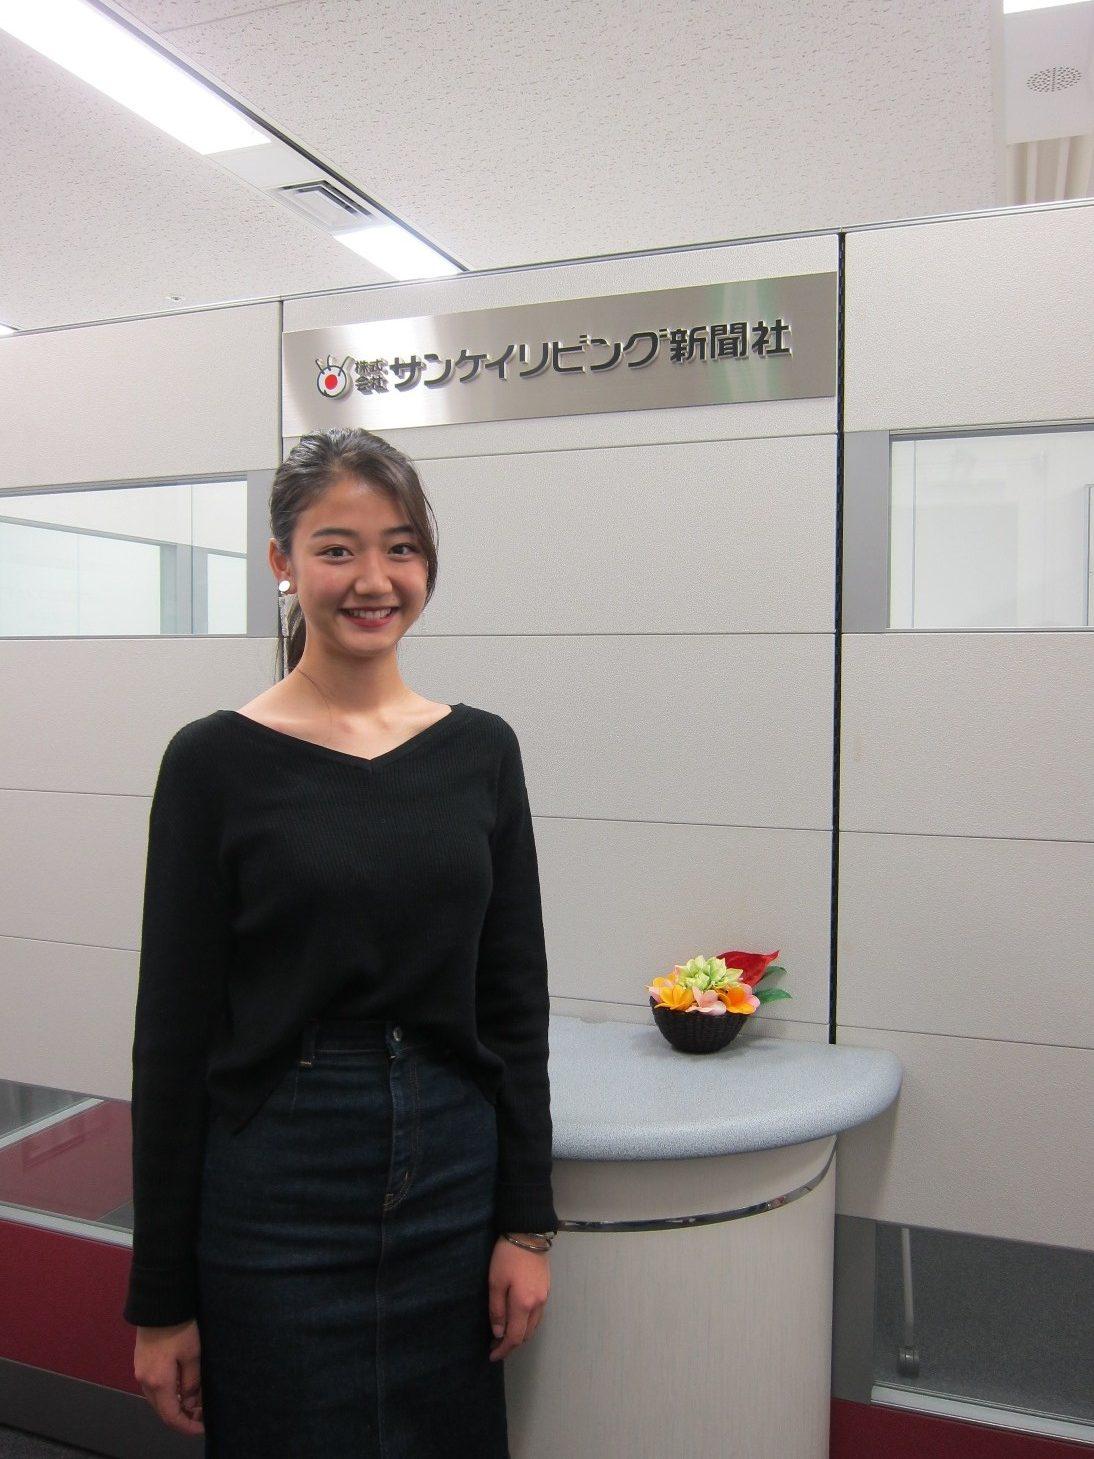 「2018年東レキャンペーンガール」夢乃さんに来社いただきました